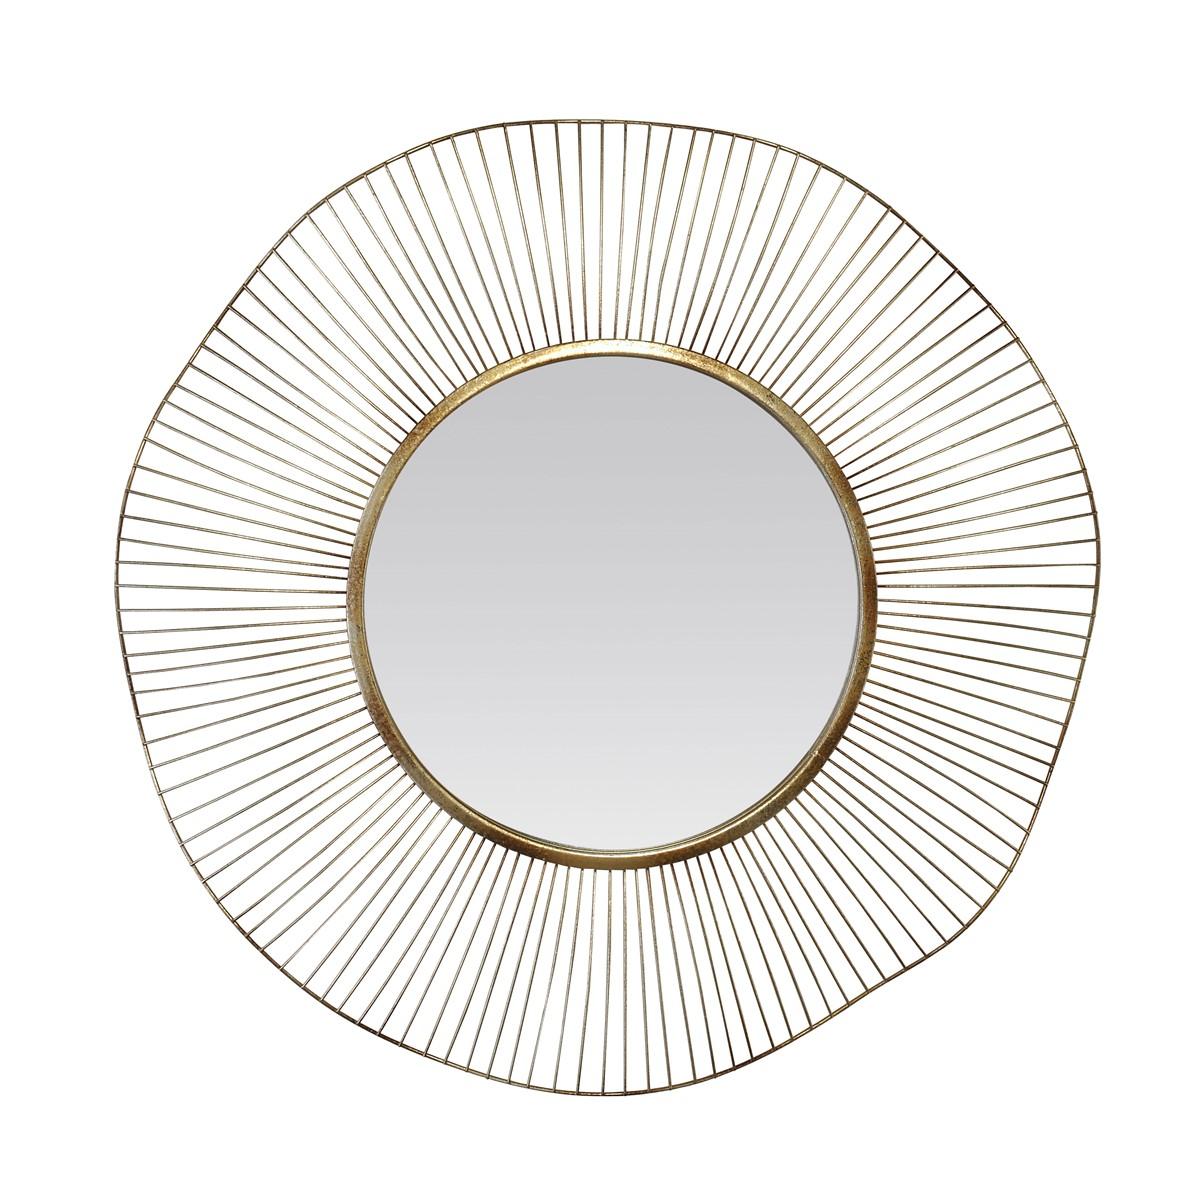 Miroir design rond en métal doré D75